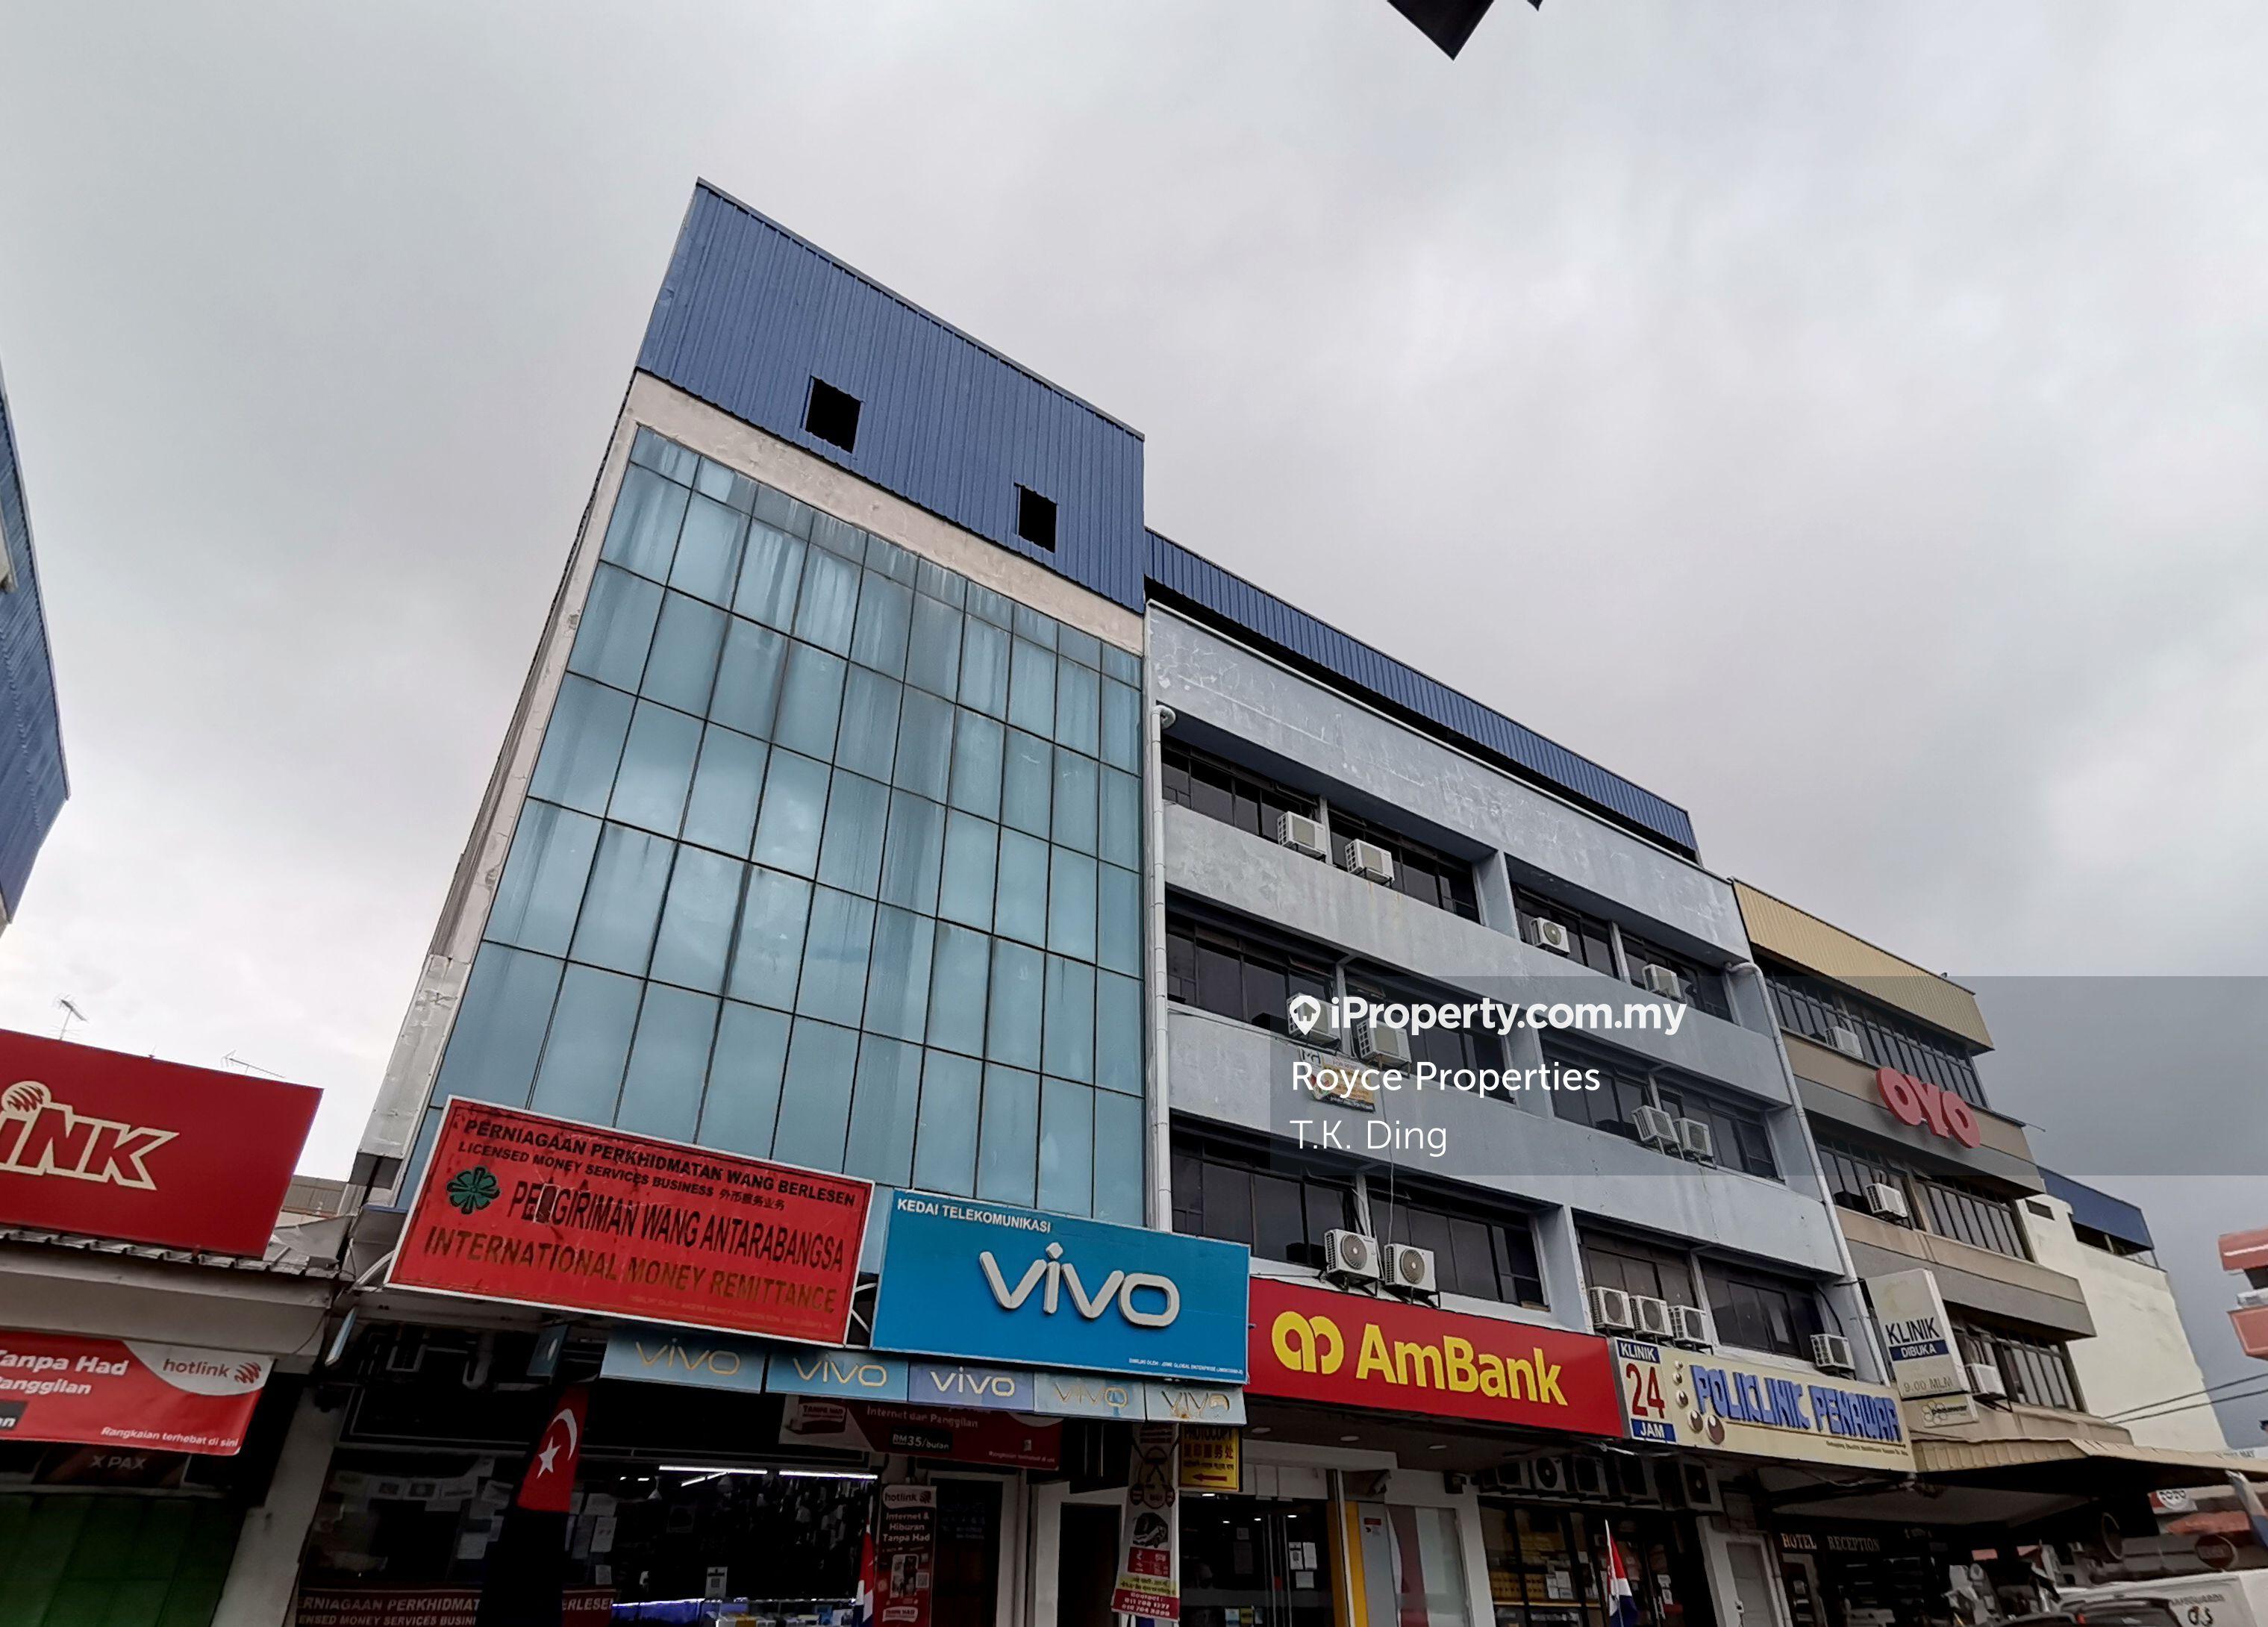 3 Storey Hotel, 19 Rooms, Sungai Rengit, Town Area, Jalan Abu Bakar, Sungai Rengit, Pengerang